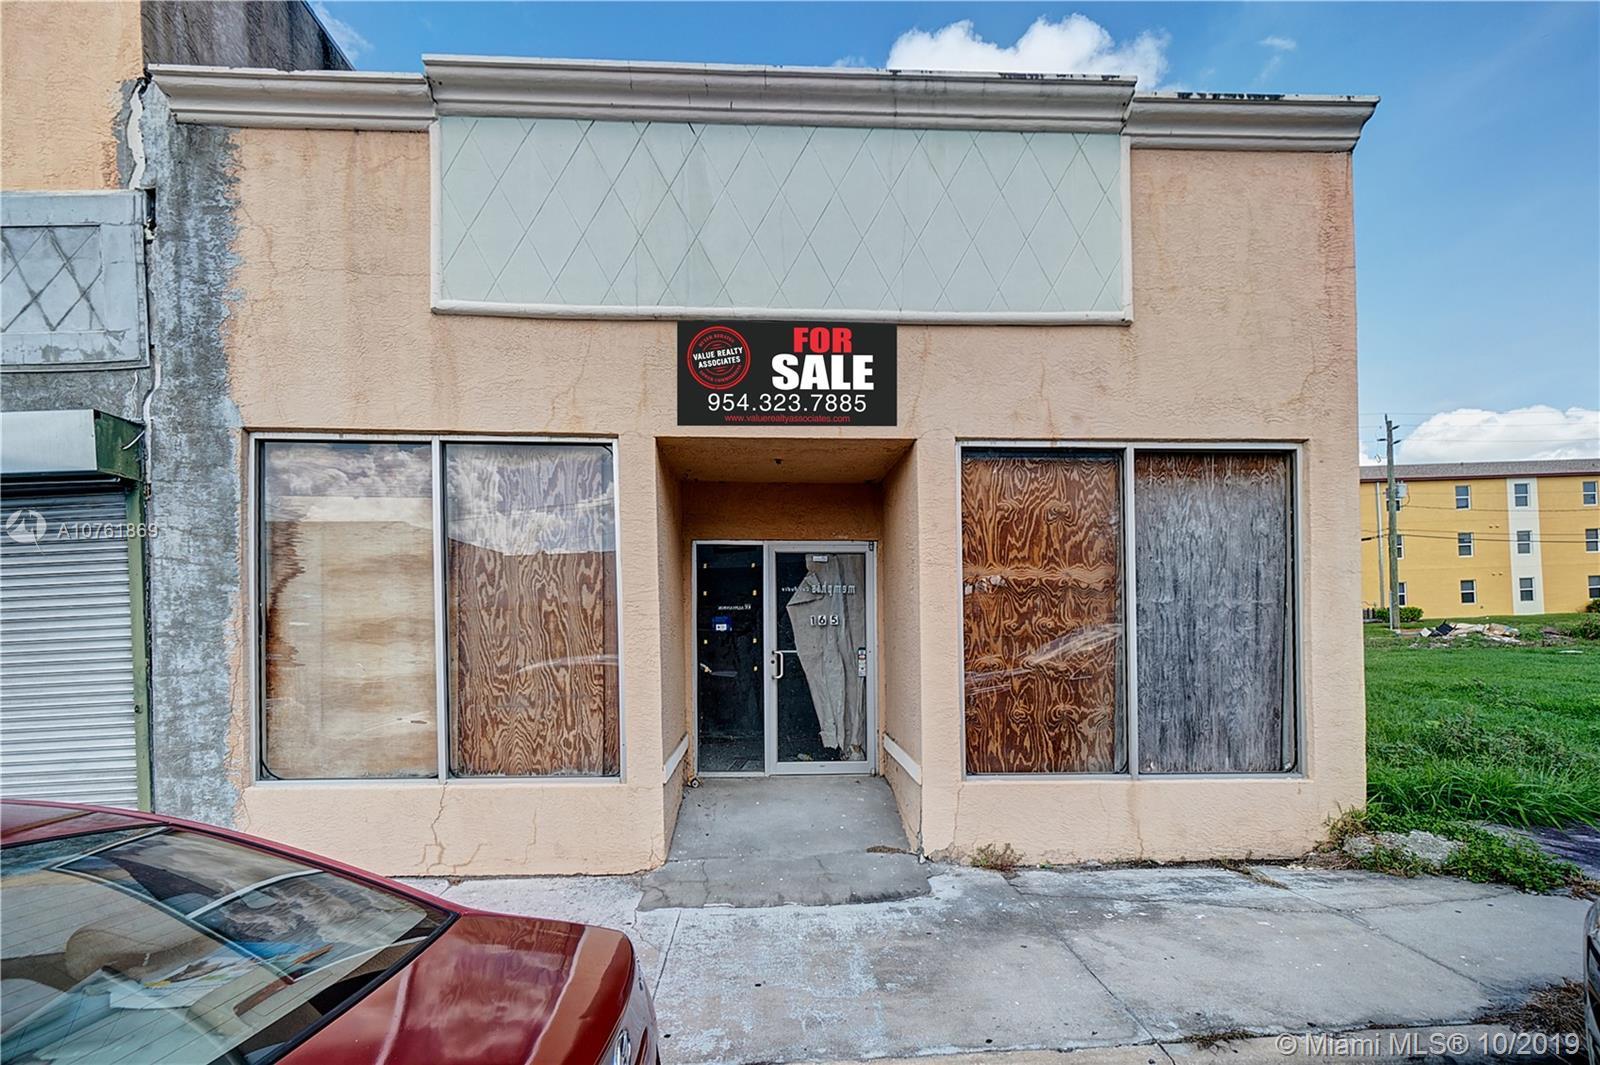 165 W Avenue A #165, Belle Glade, FL 33430 - Belle Glade, FL real estate listing